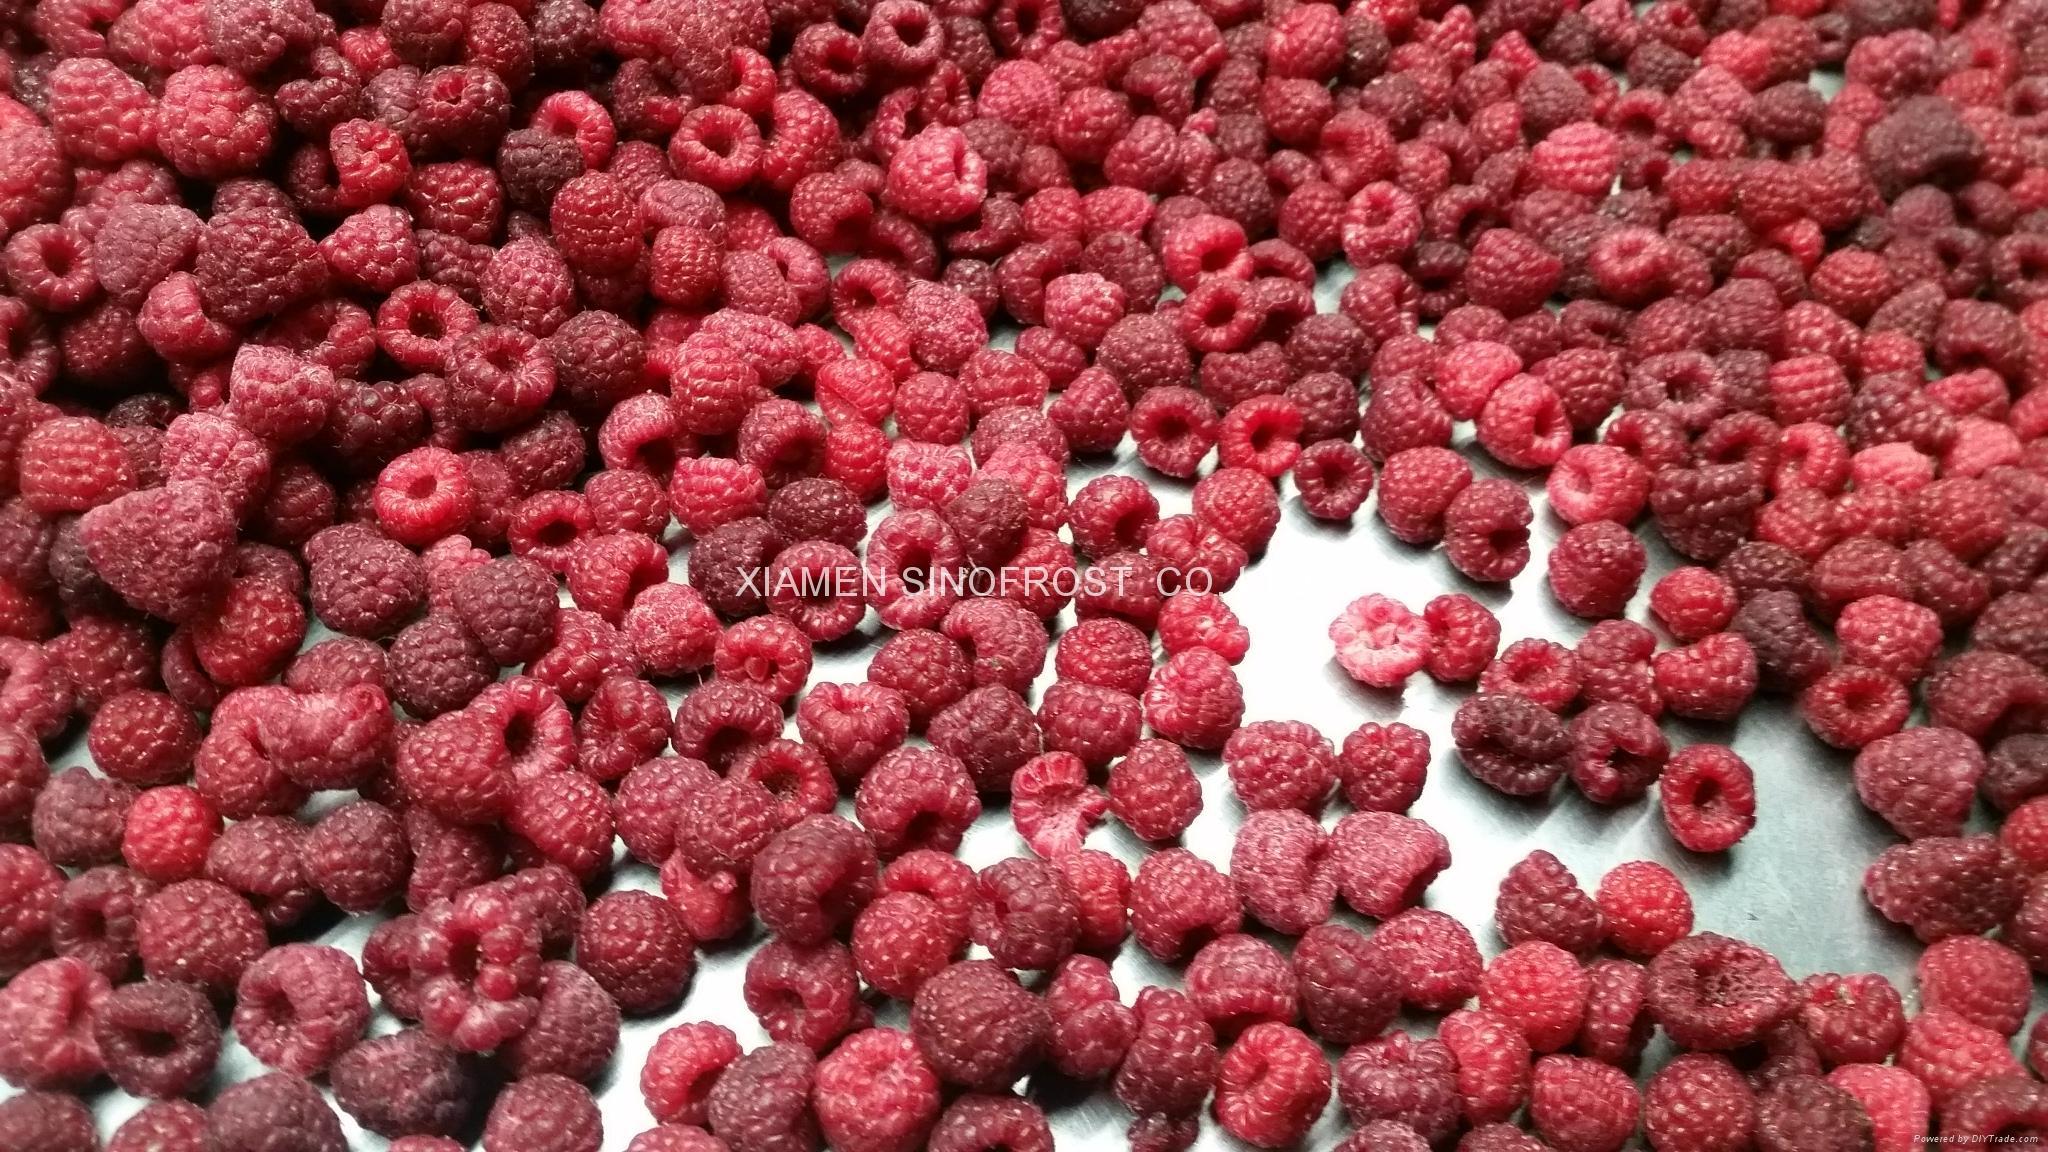 冷凍樹莓,速凍樹莓 8